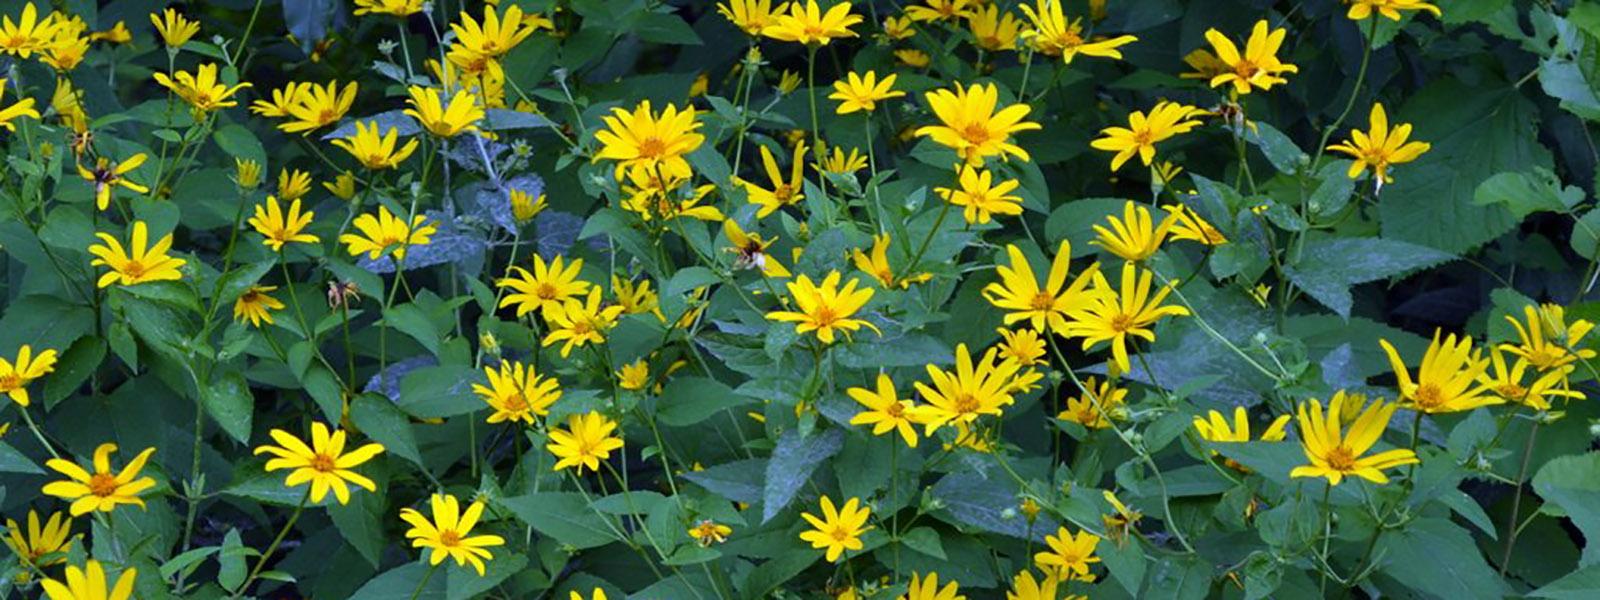 Fuller Preserve native plants